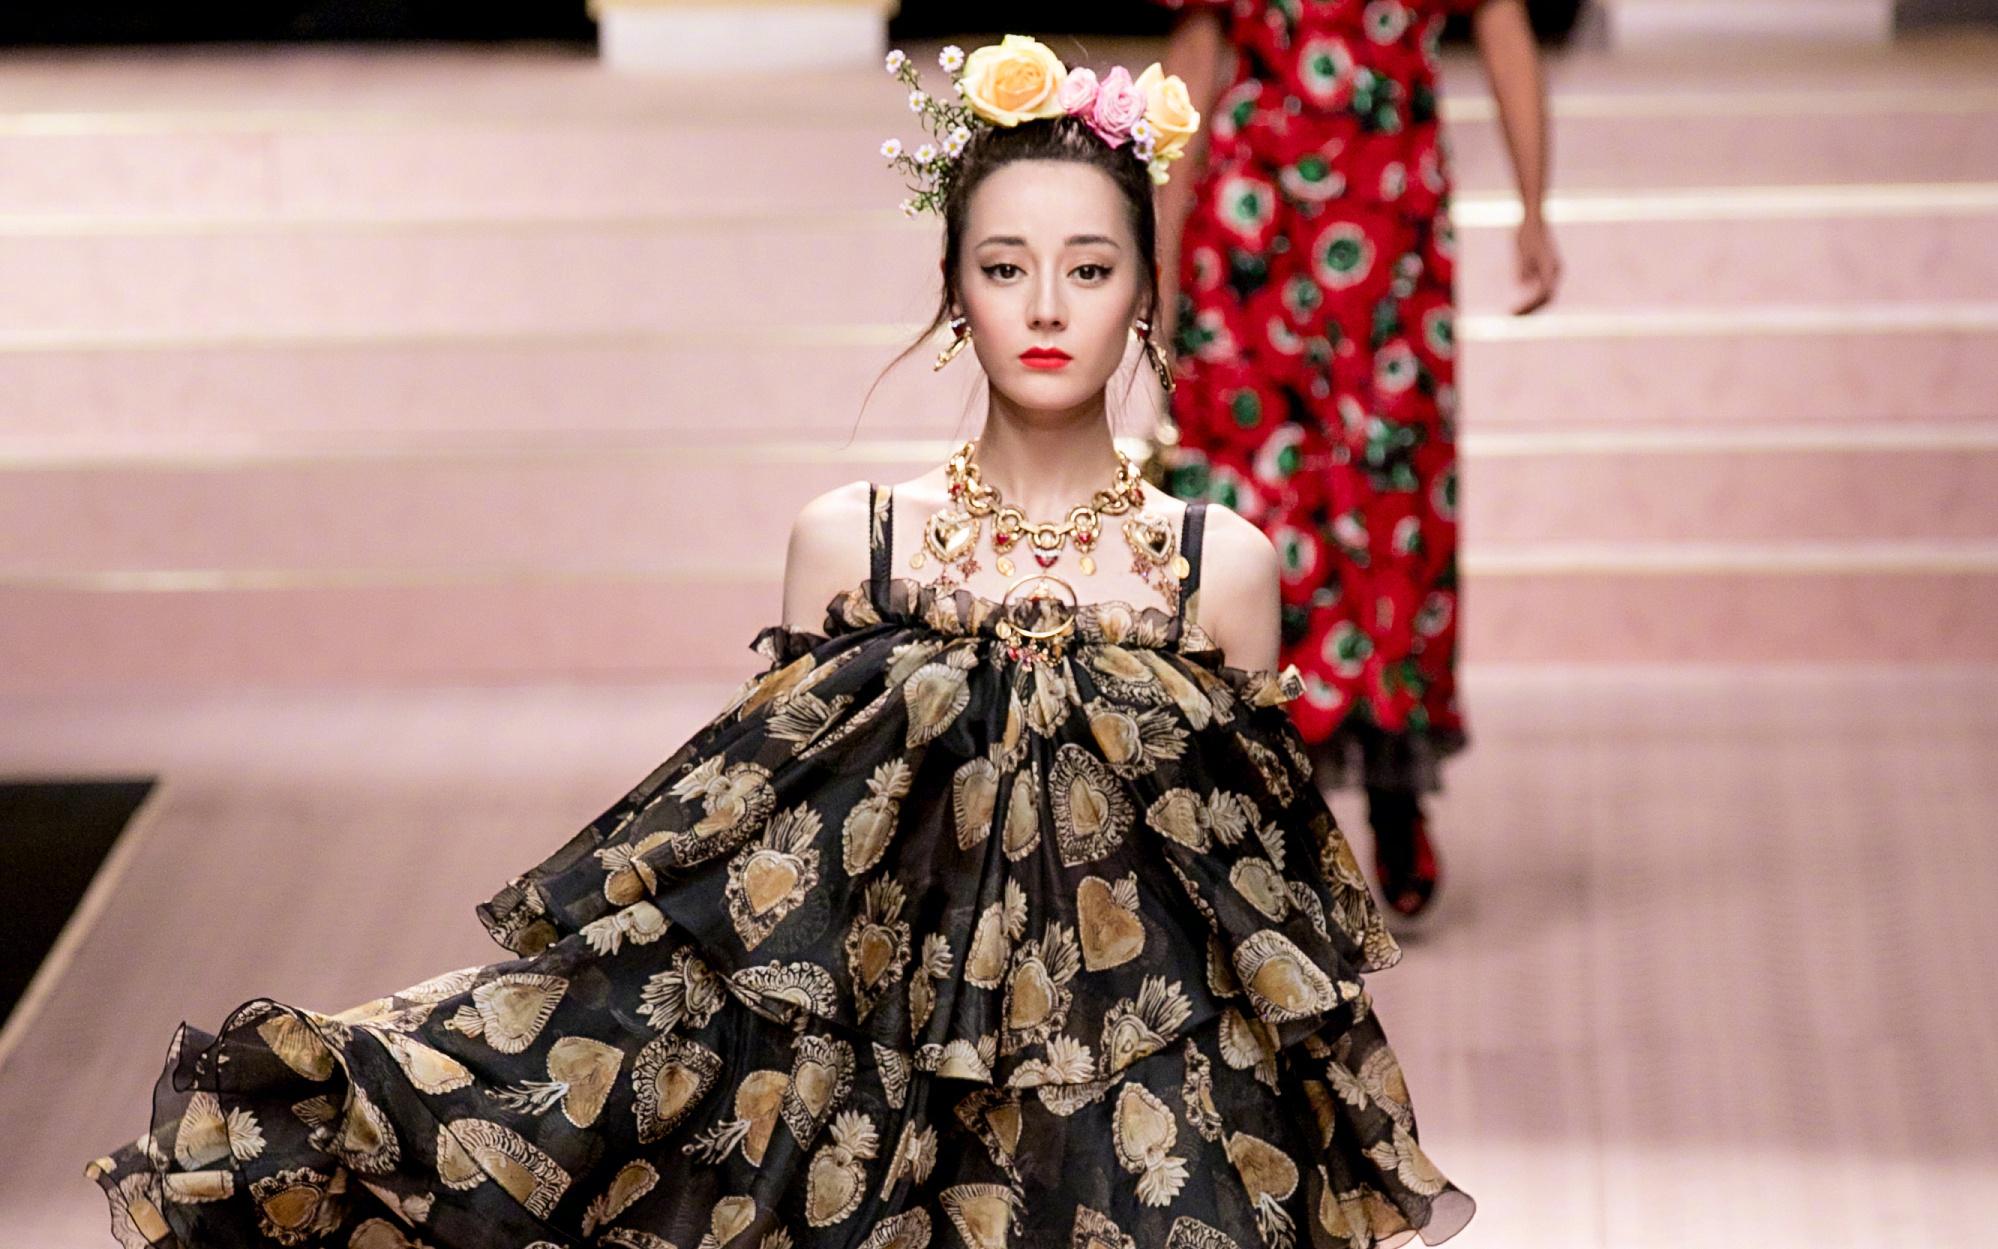 女明星都在时装周斗艳 出门在外除了妆容美保养更重要